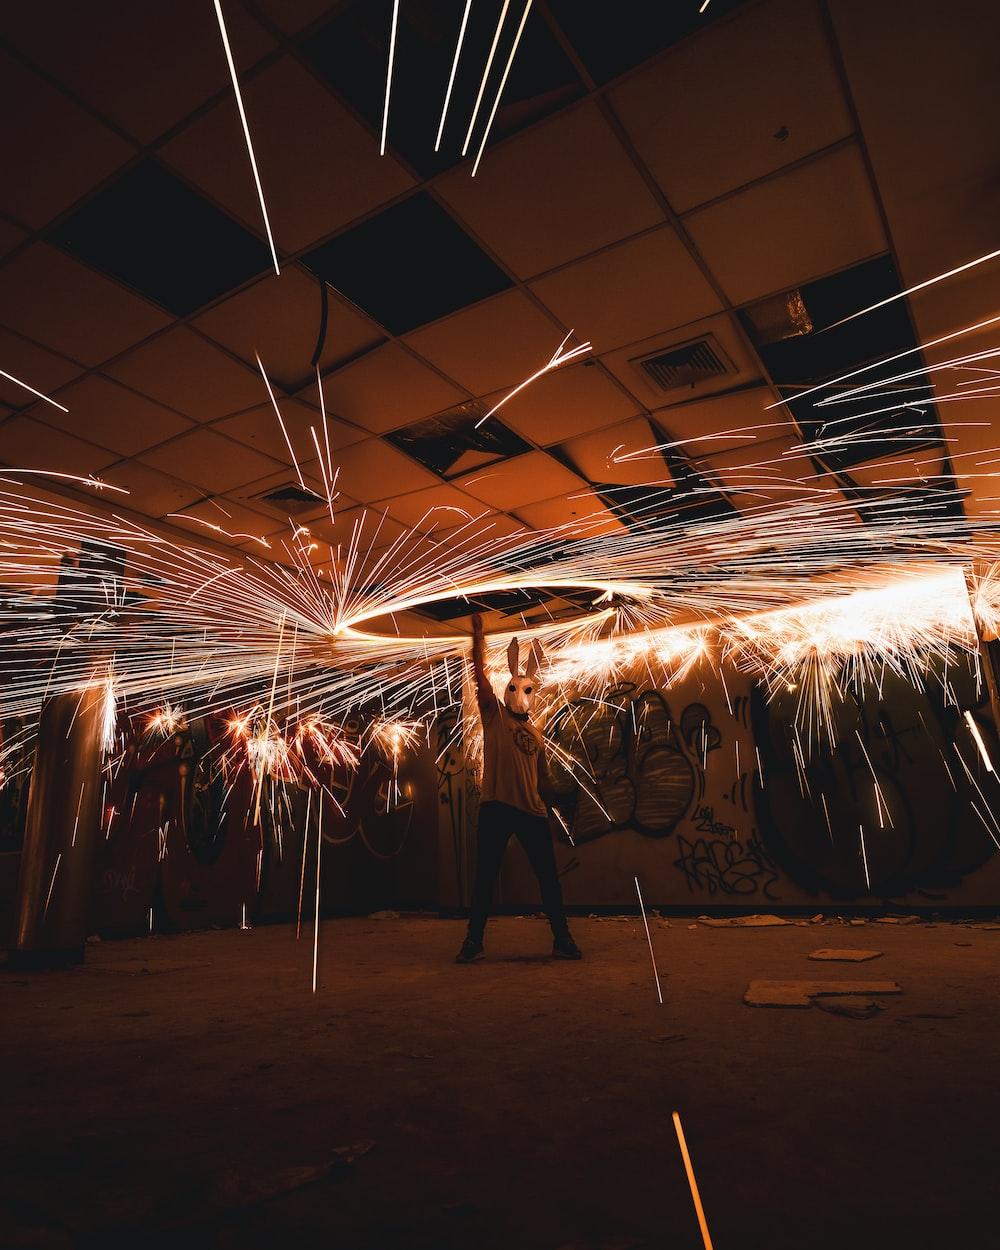 man holding steel wool in room